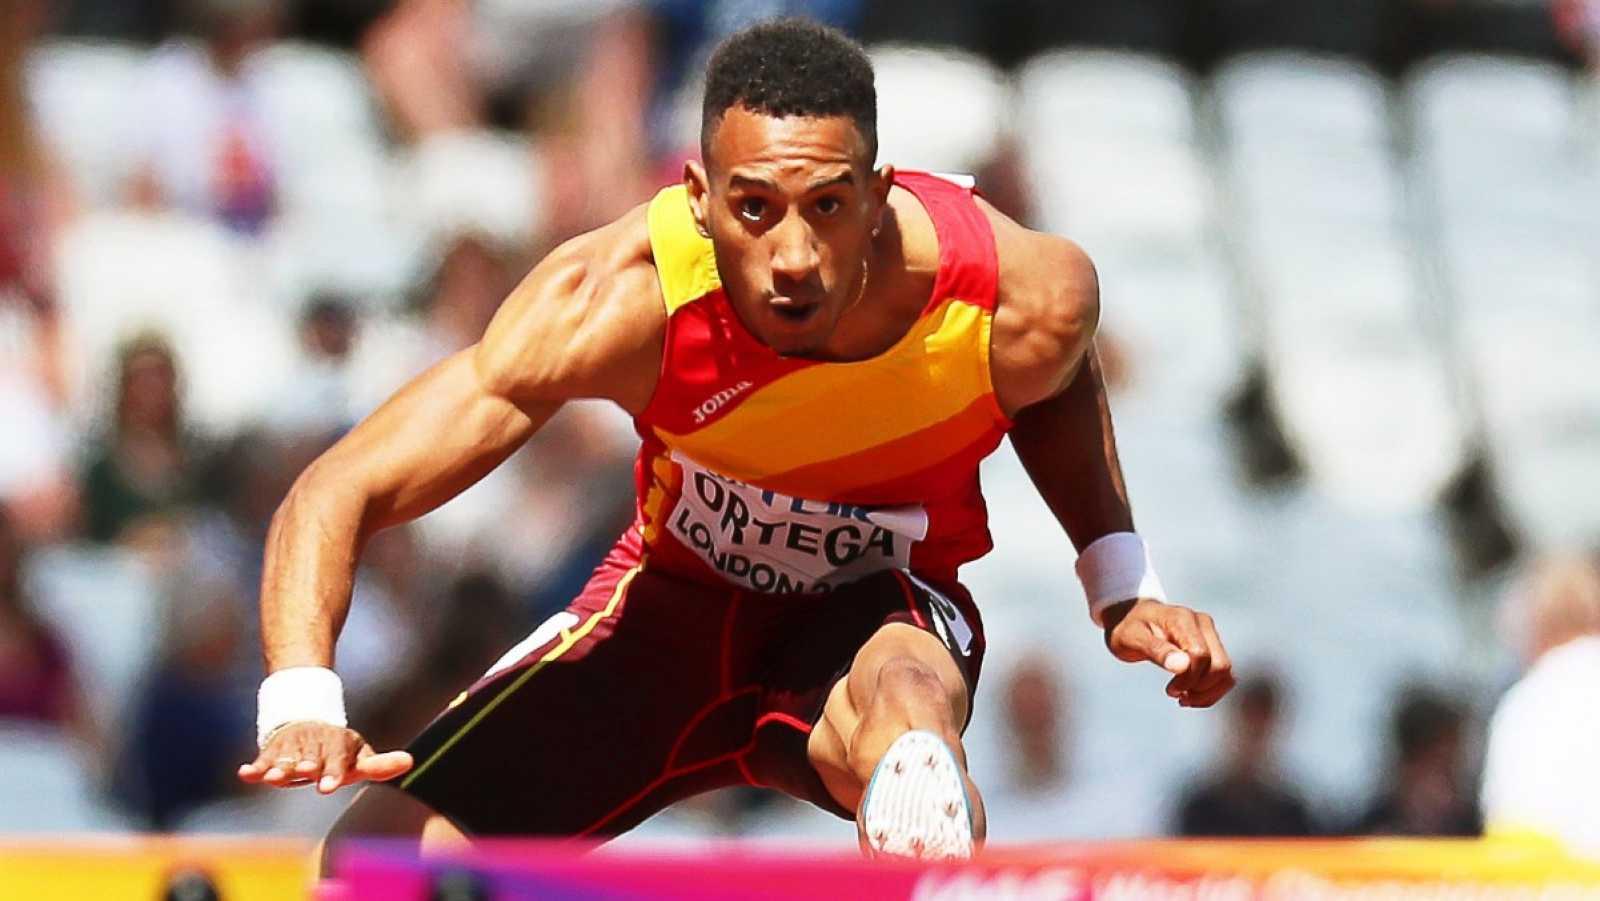 """Orlando Ortega: """"No todos los atletas estamos entrenando en las mismas condiciones"""""""